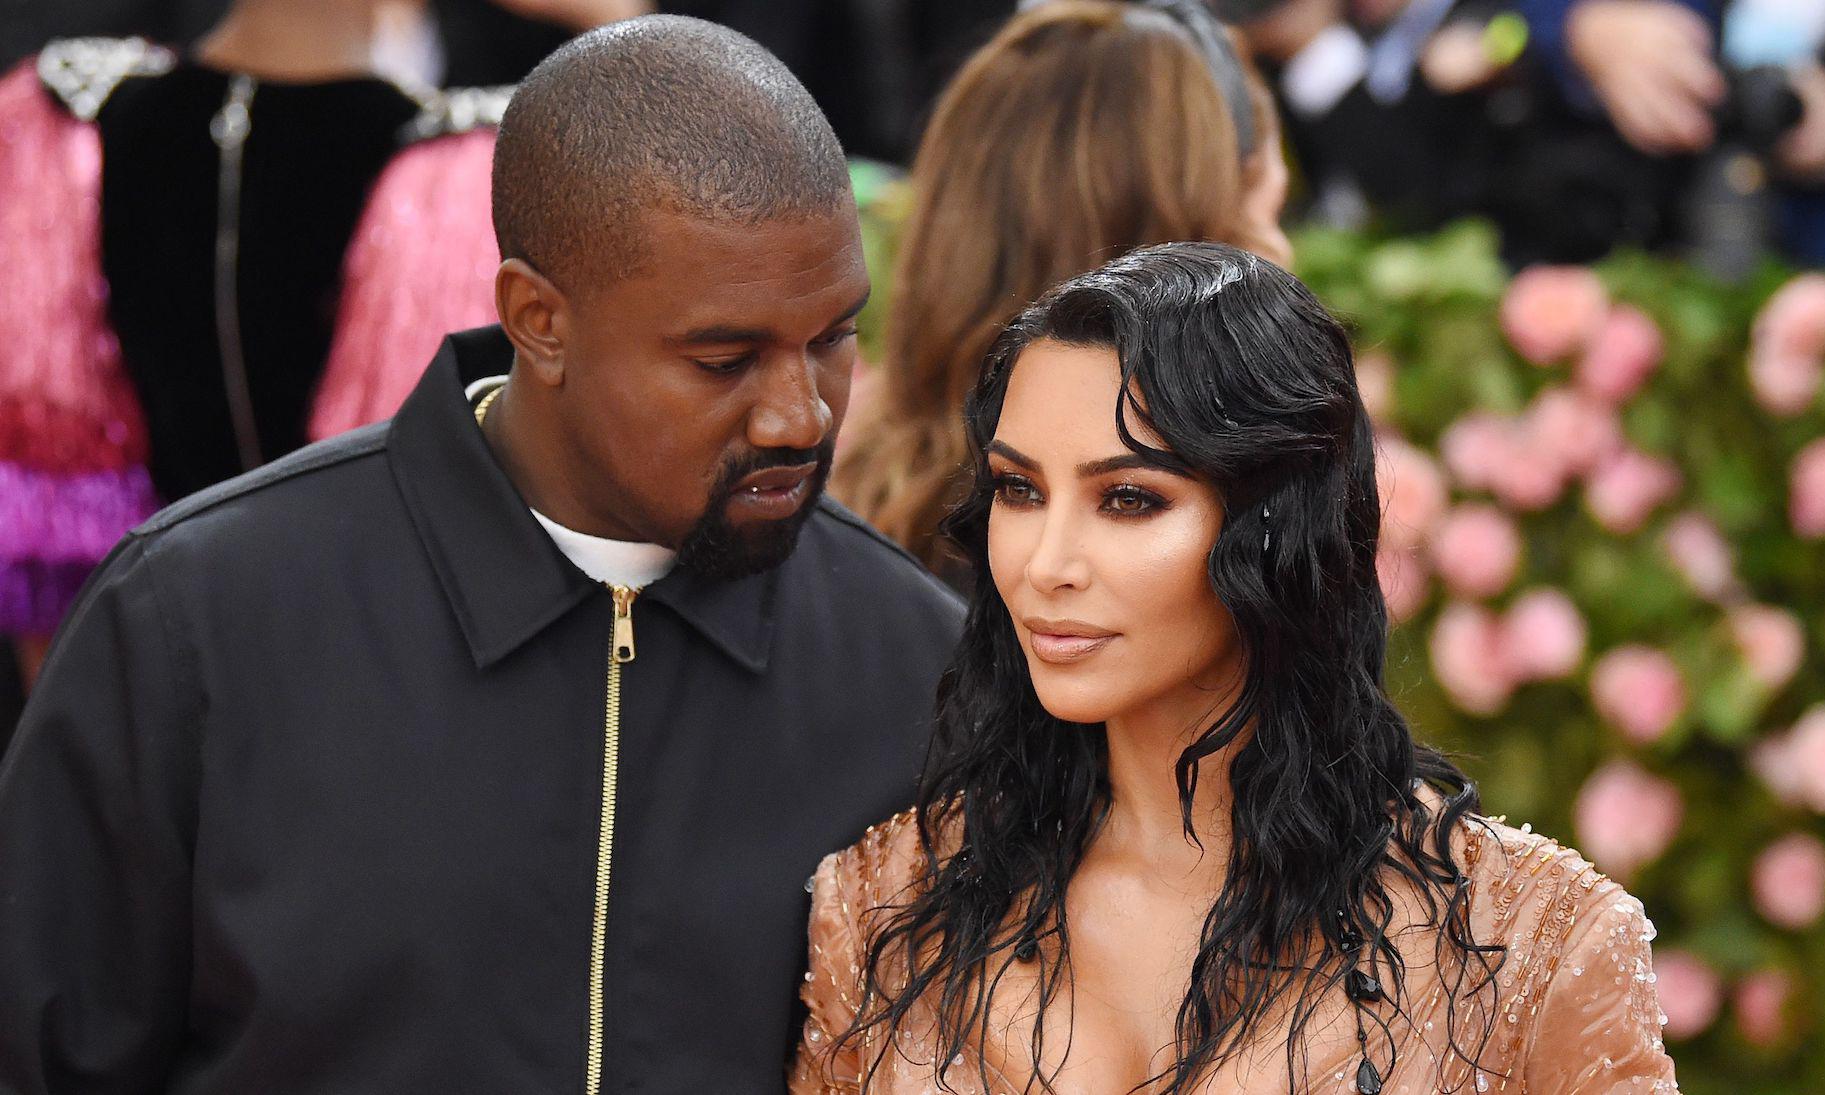 完美生日礼物,Kanye 以 Kardashian 之名捐款百万美元